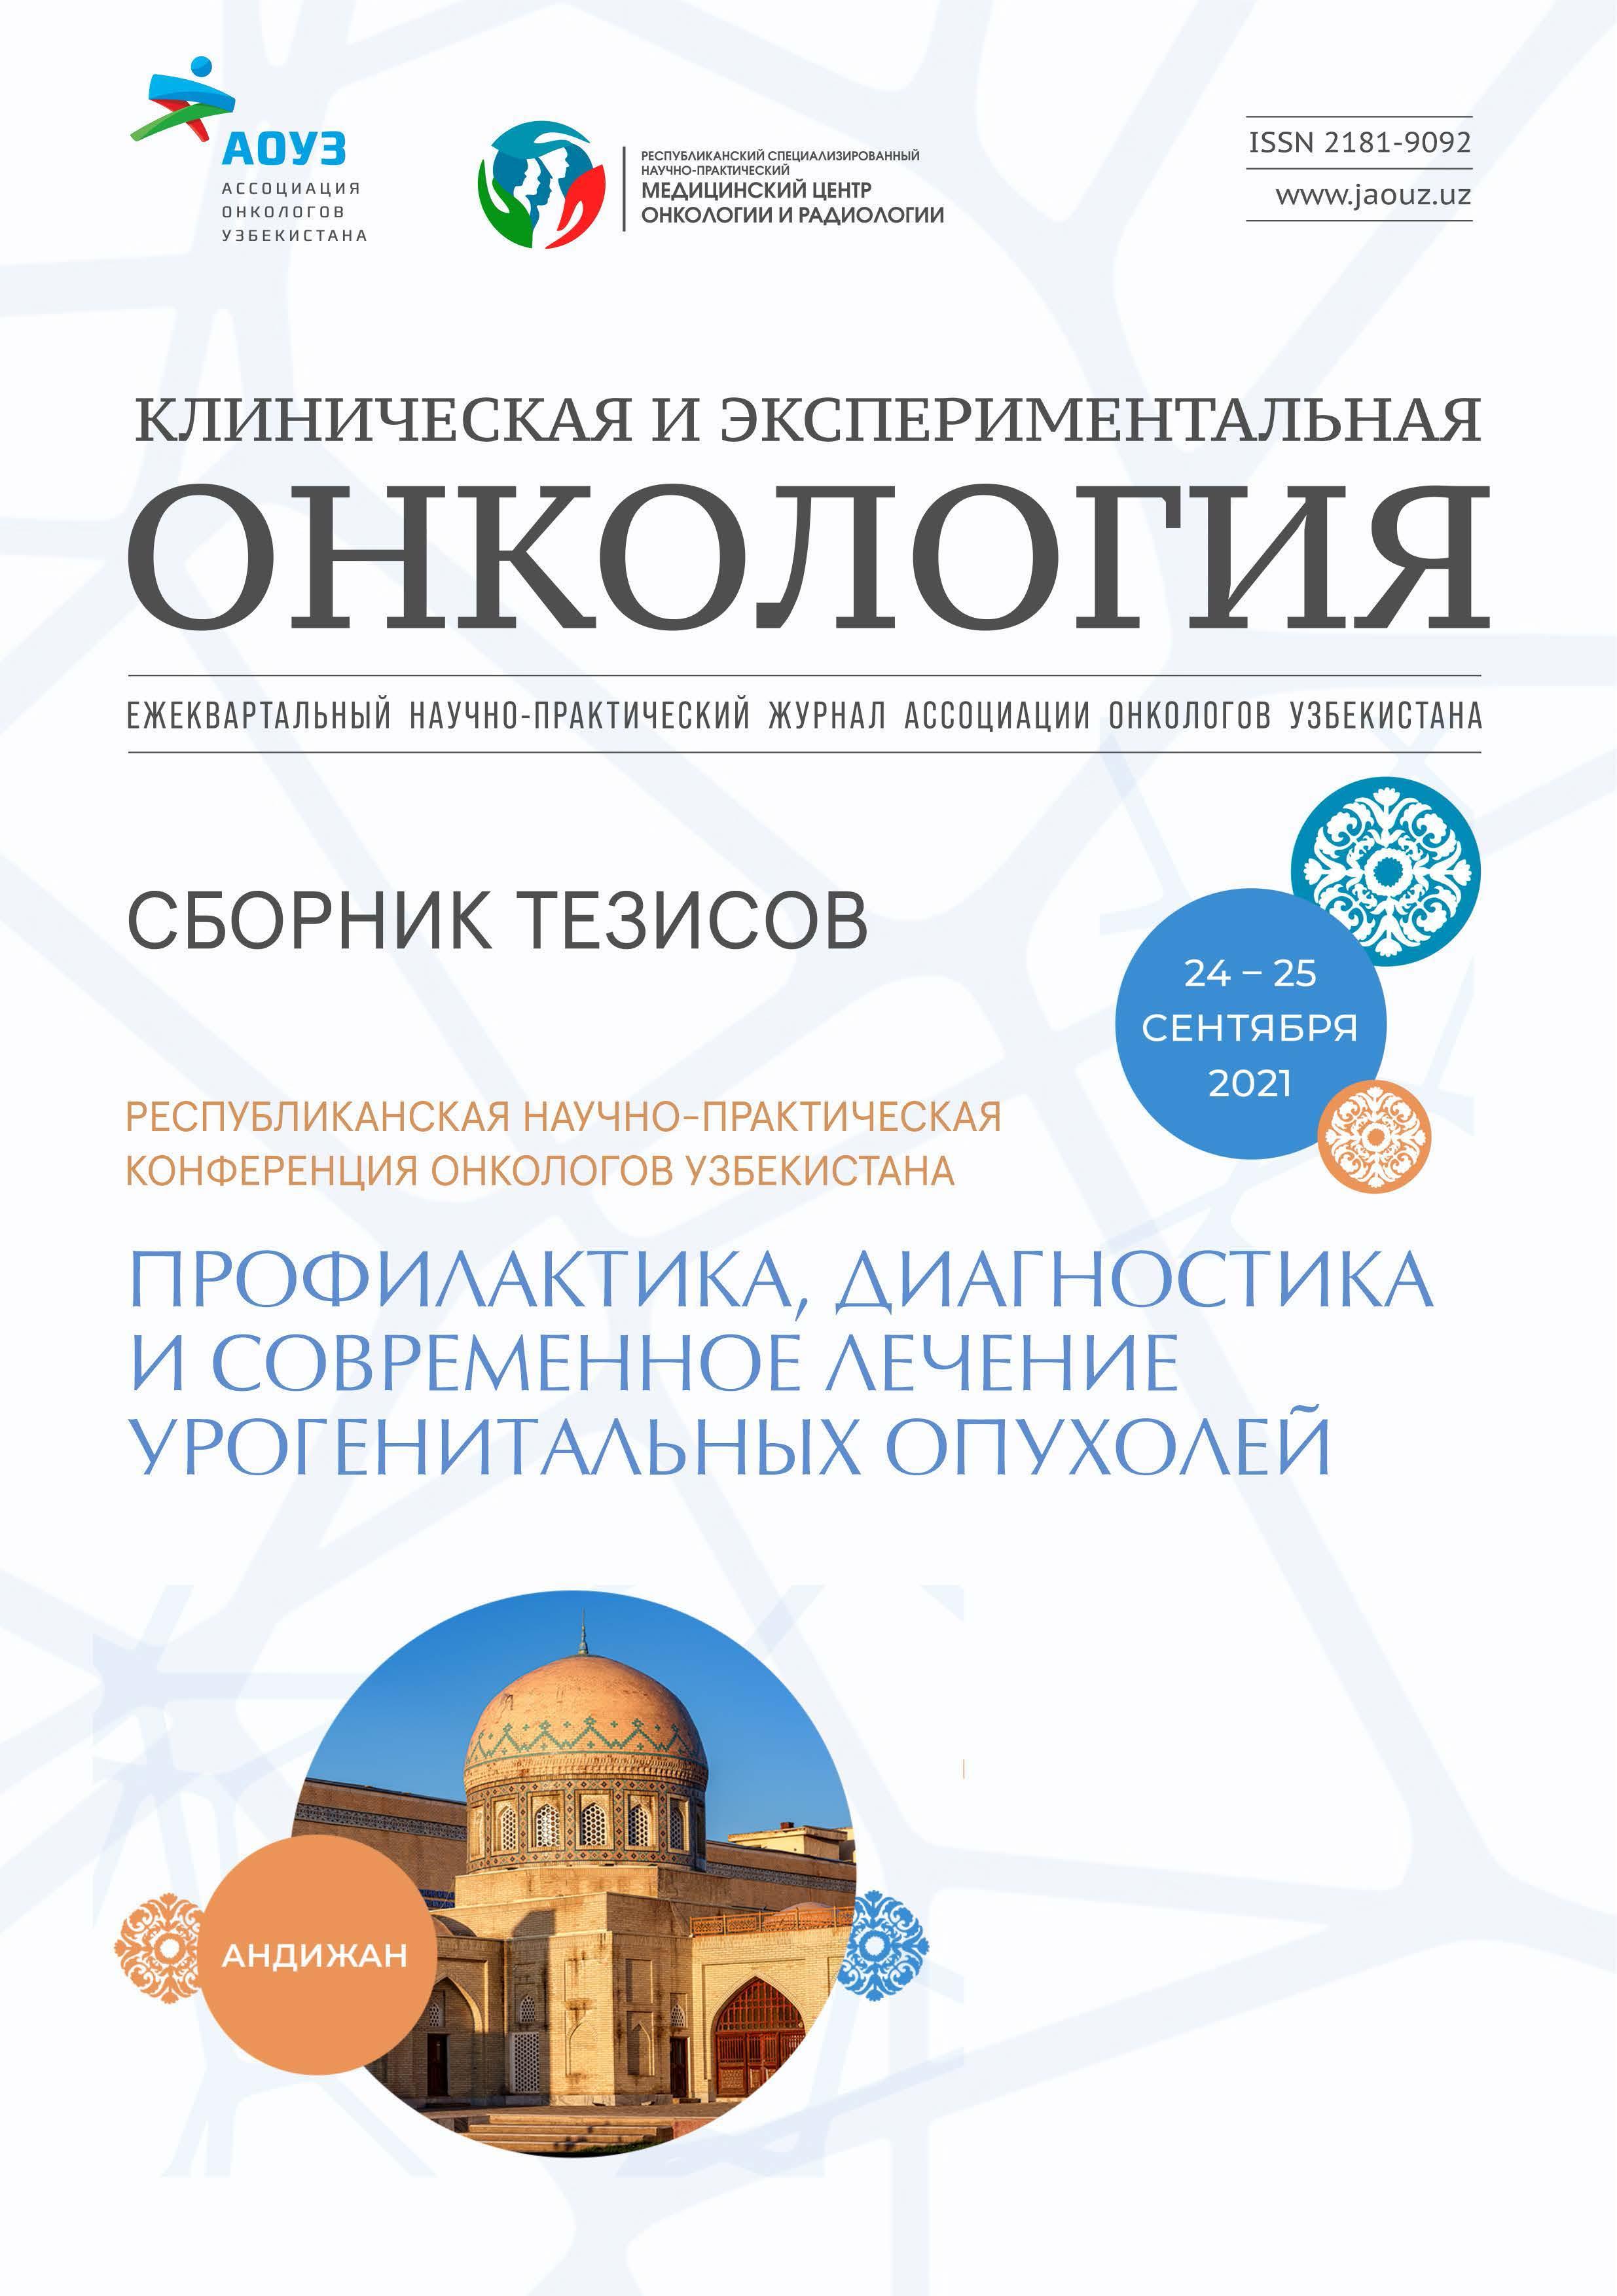 Опубликован сборник тезисов XVIII научно-практической конференции онкологов Узбекистана